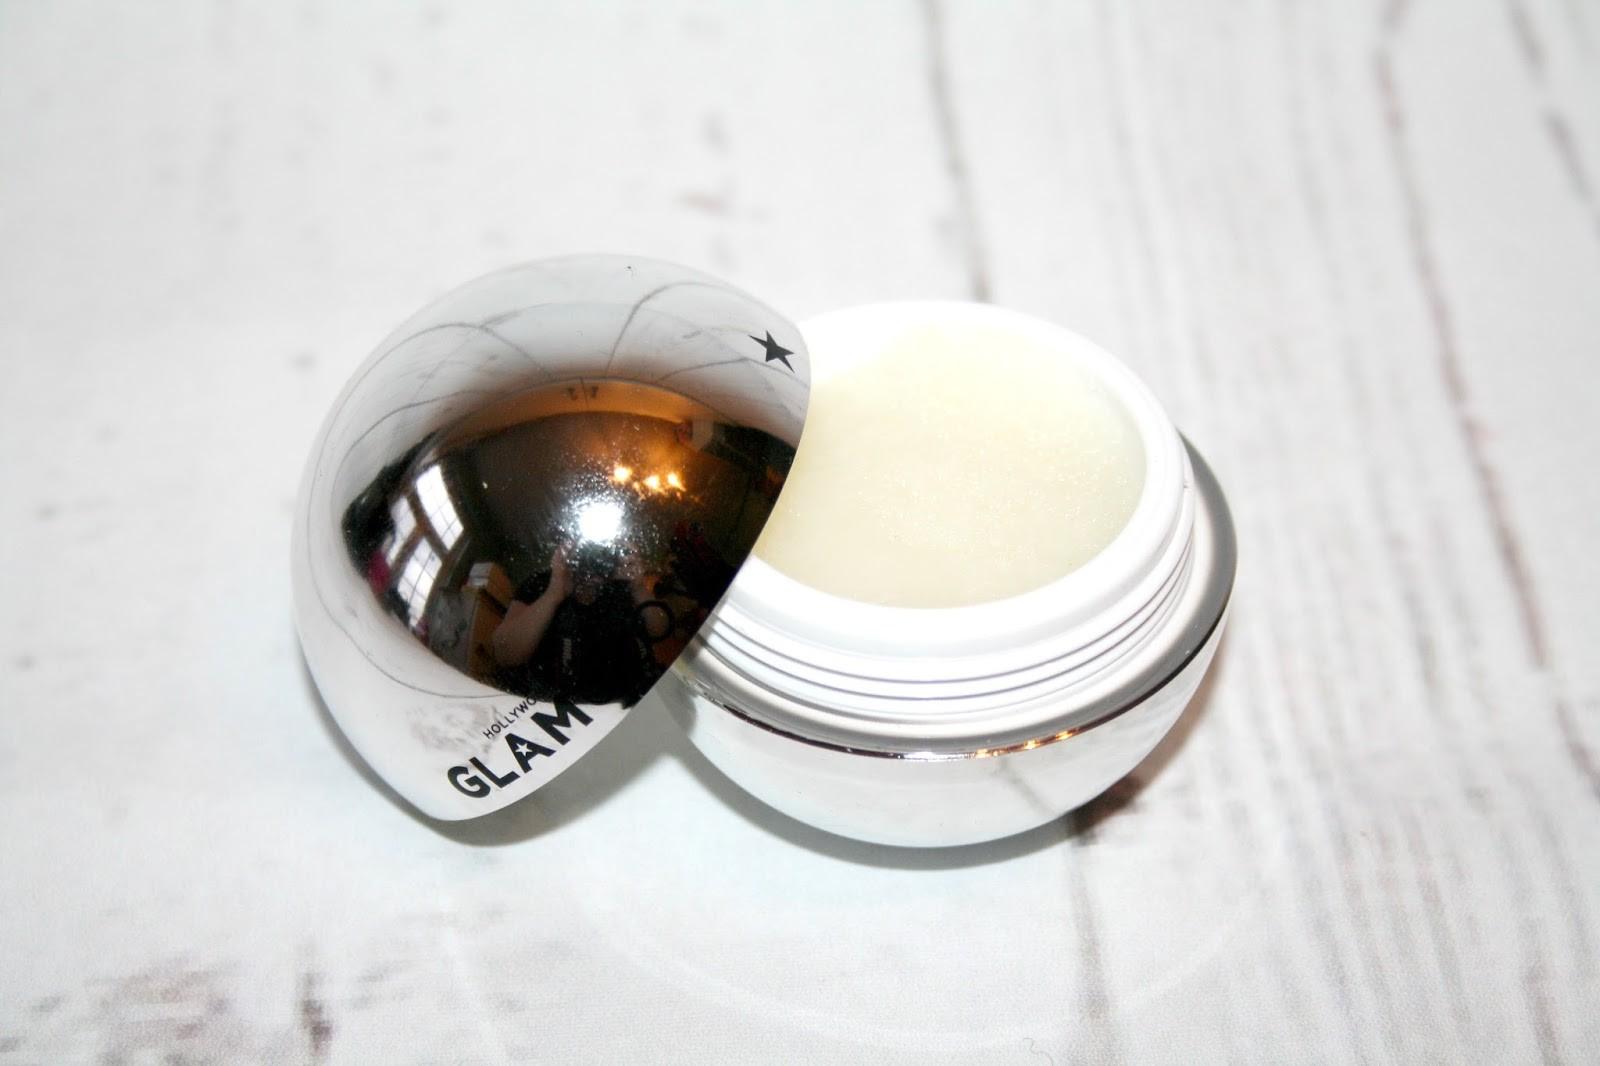 Tẩy da chết cho môi cũng rất quan trọng và đây là 5 sản phẩm giúp đem lại bờ môi sáng hồng, căng mọng cho các nàng - Ảnh 7.